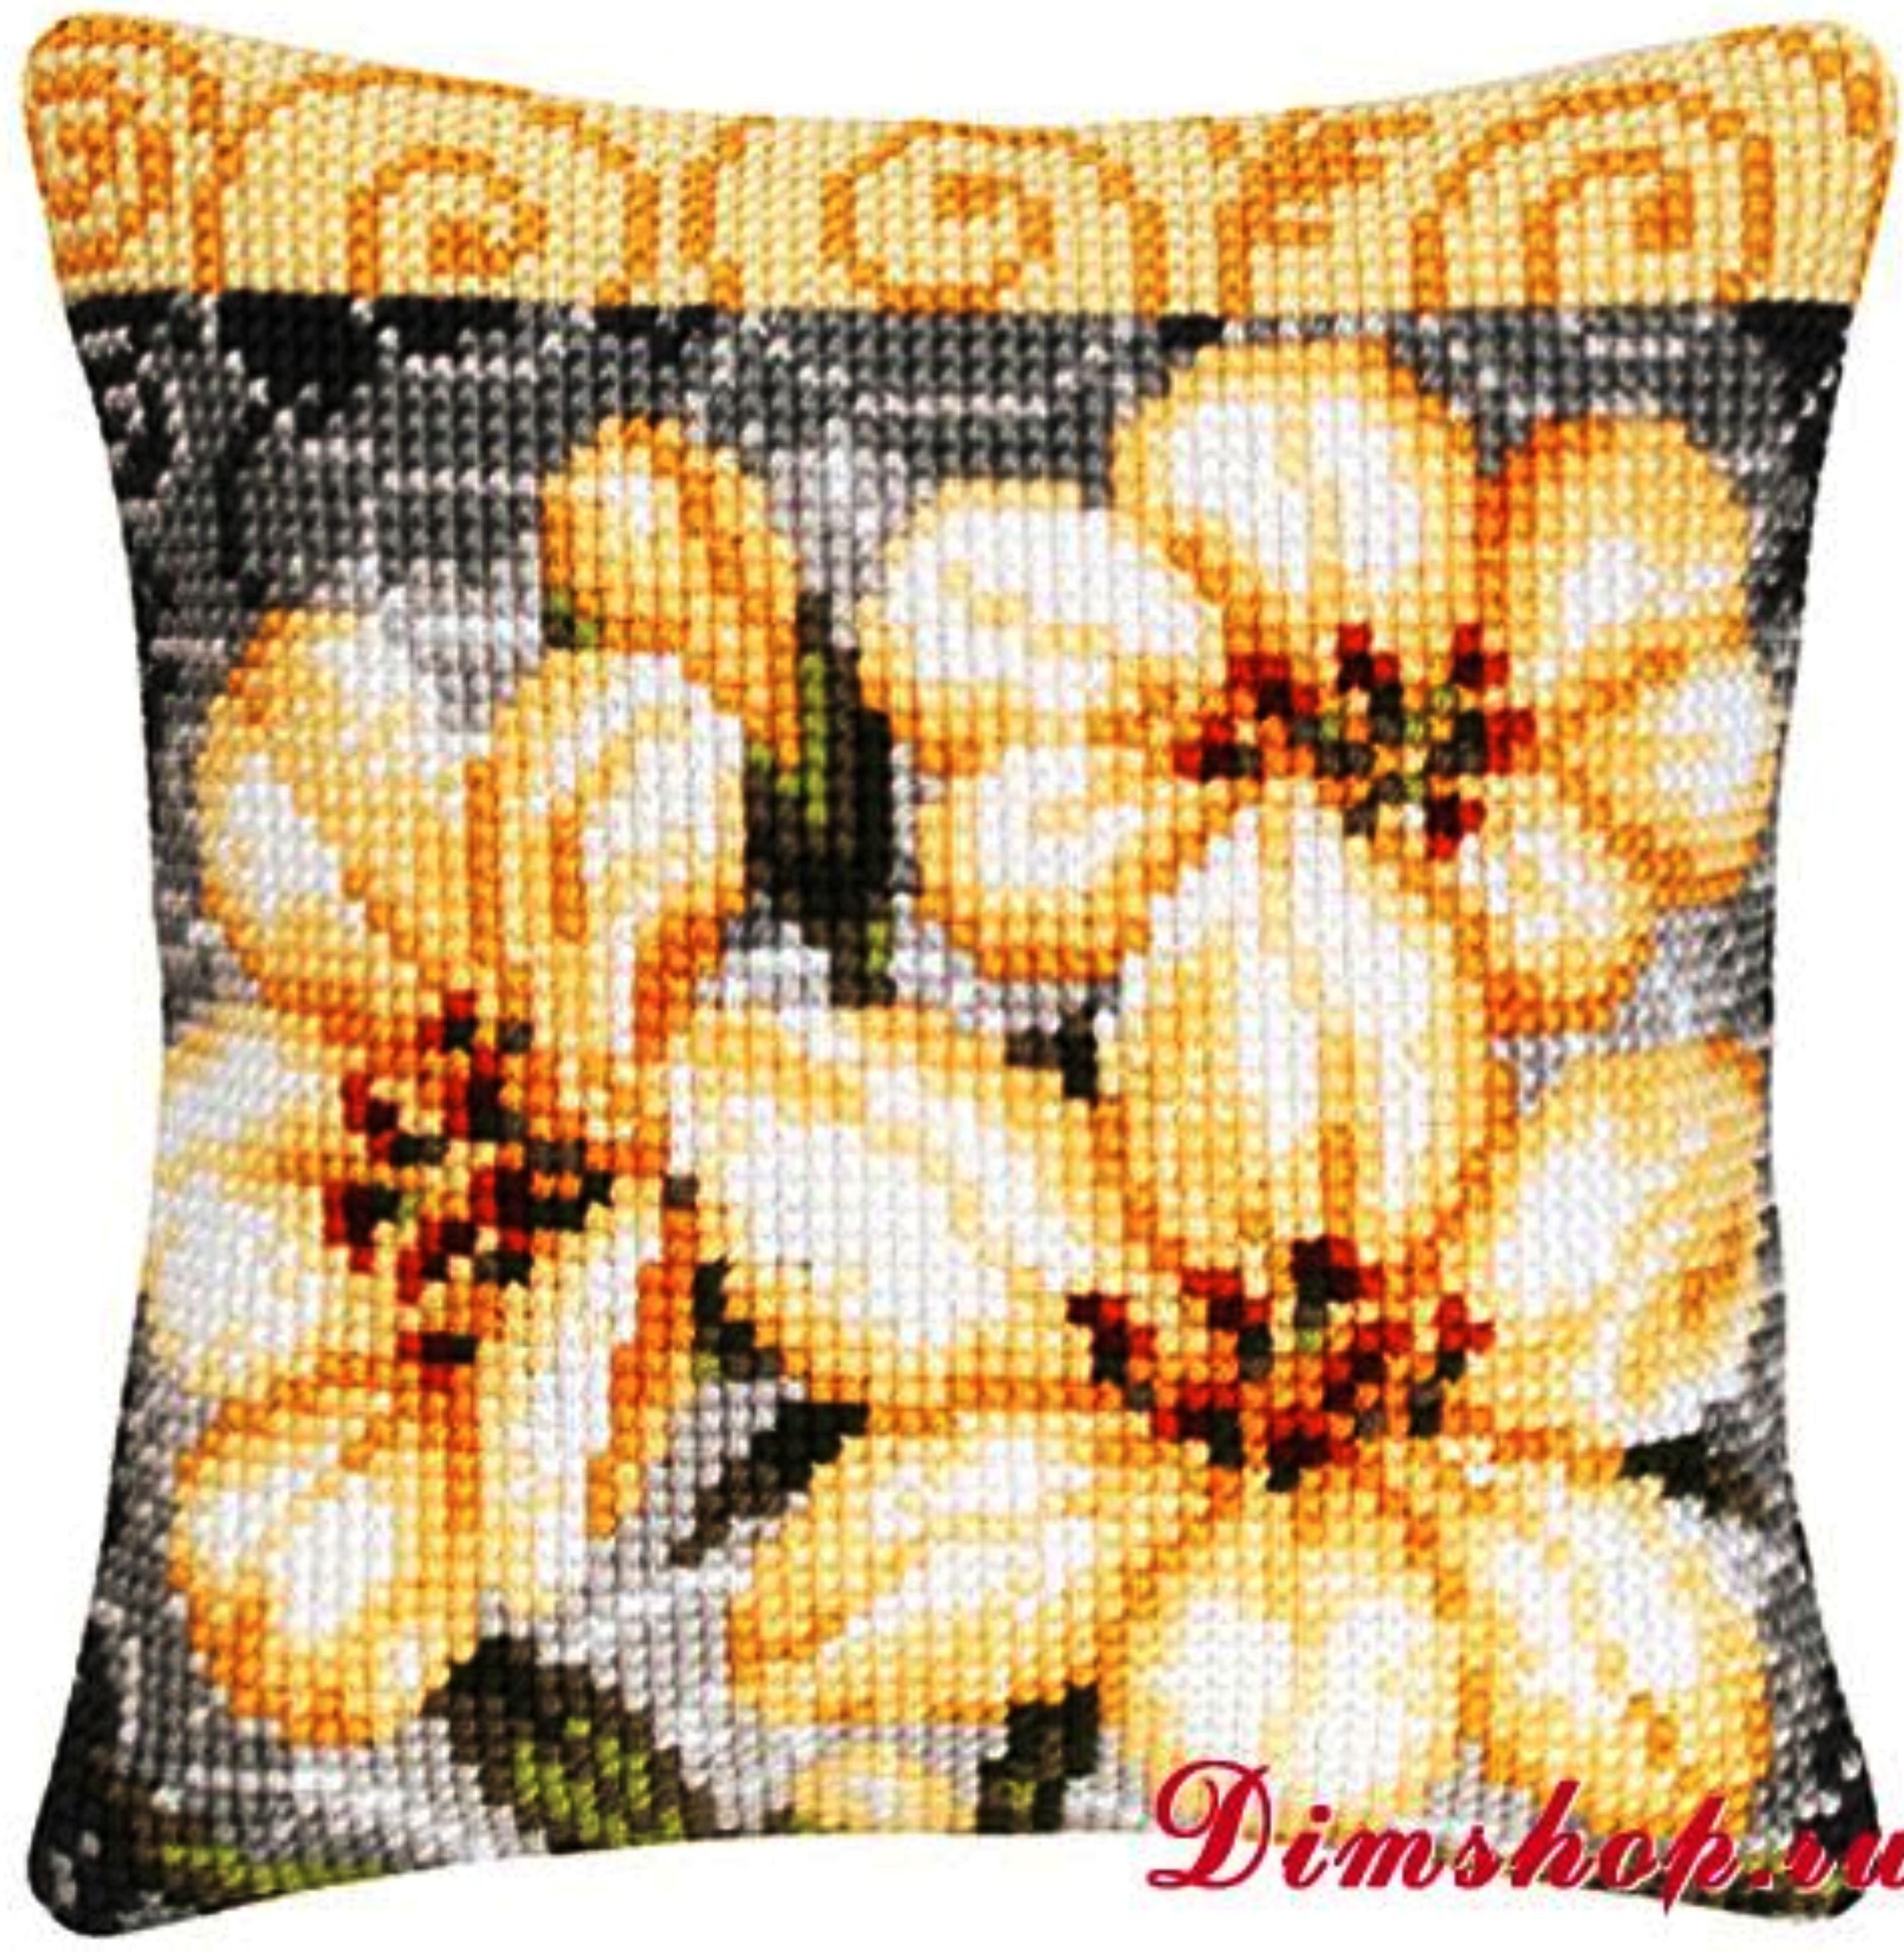 Схема вышивка подушки на крупную канву